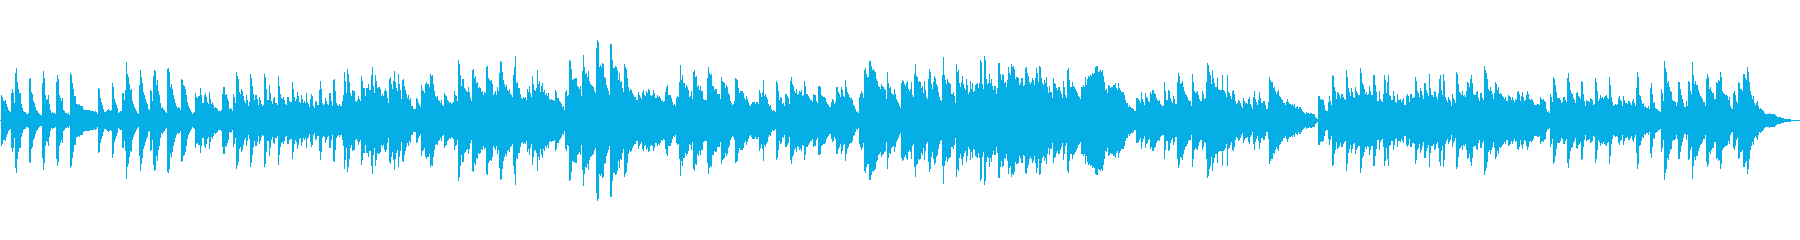 クラシック風のシンプルなピアノソロの作品の再生済みの波形